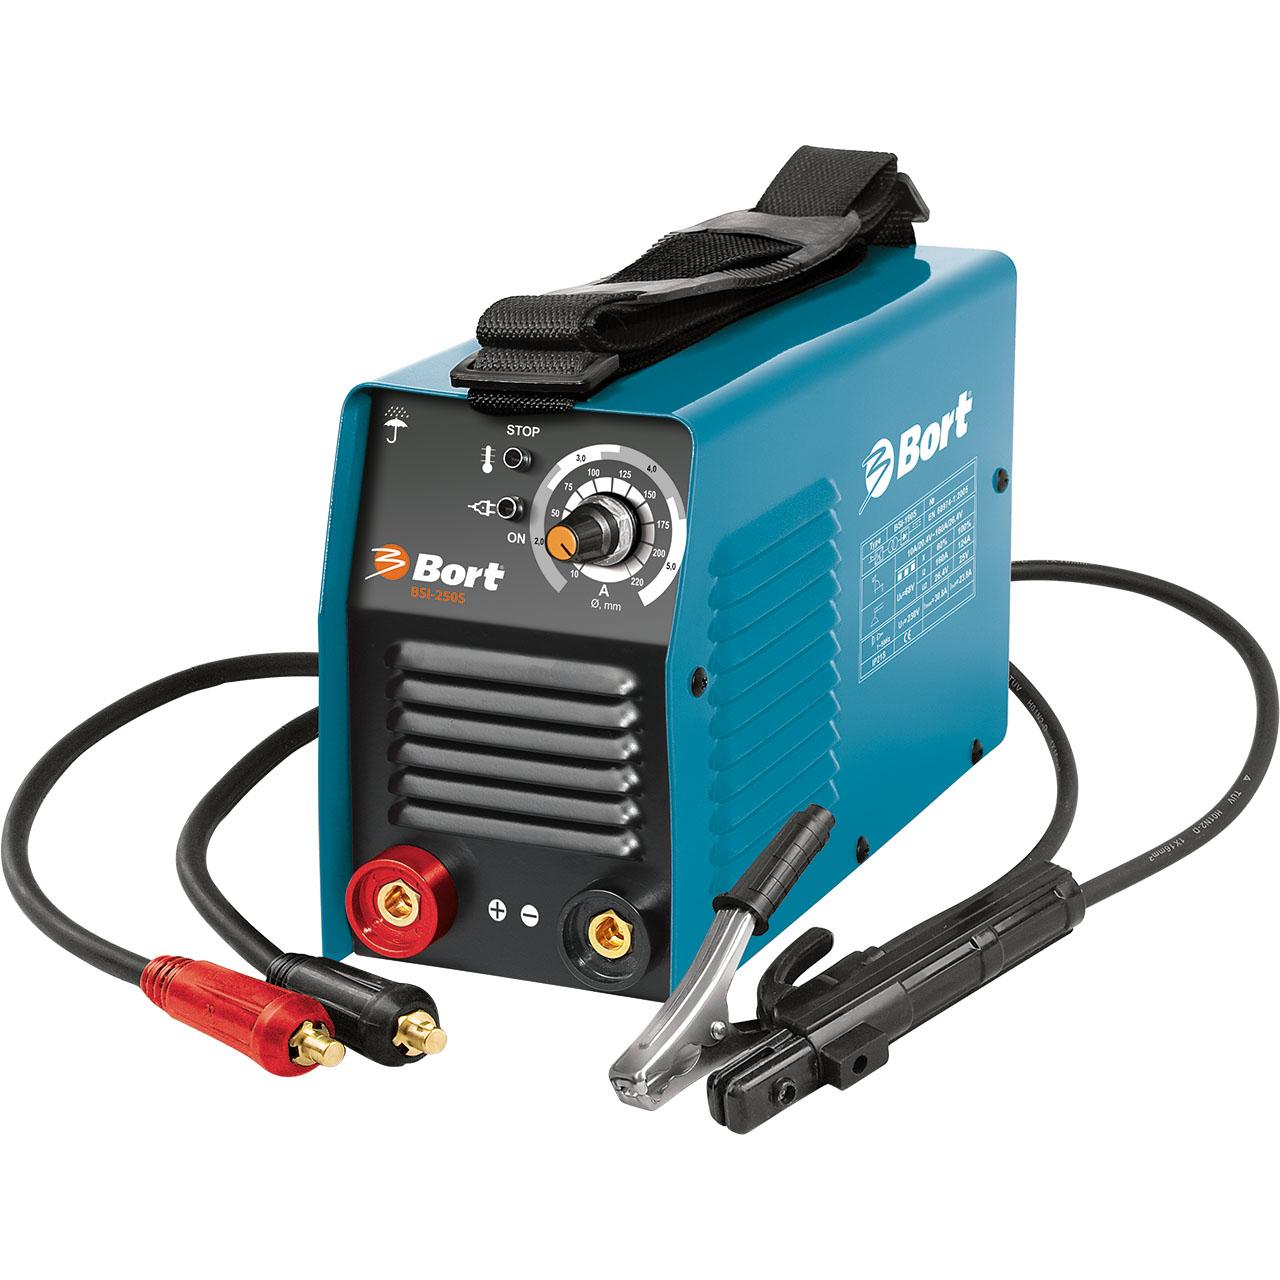 Сварочный аппарат инверторный Bort BSI-250S 98297188